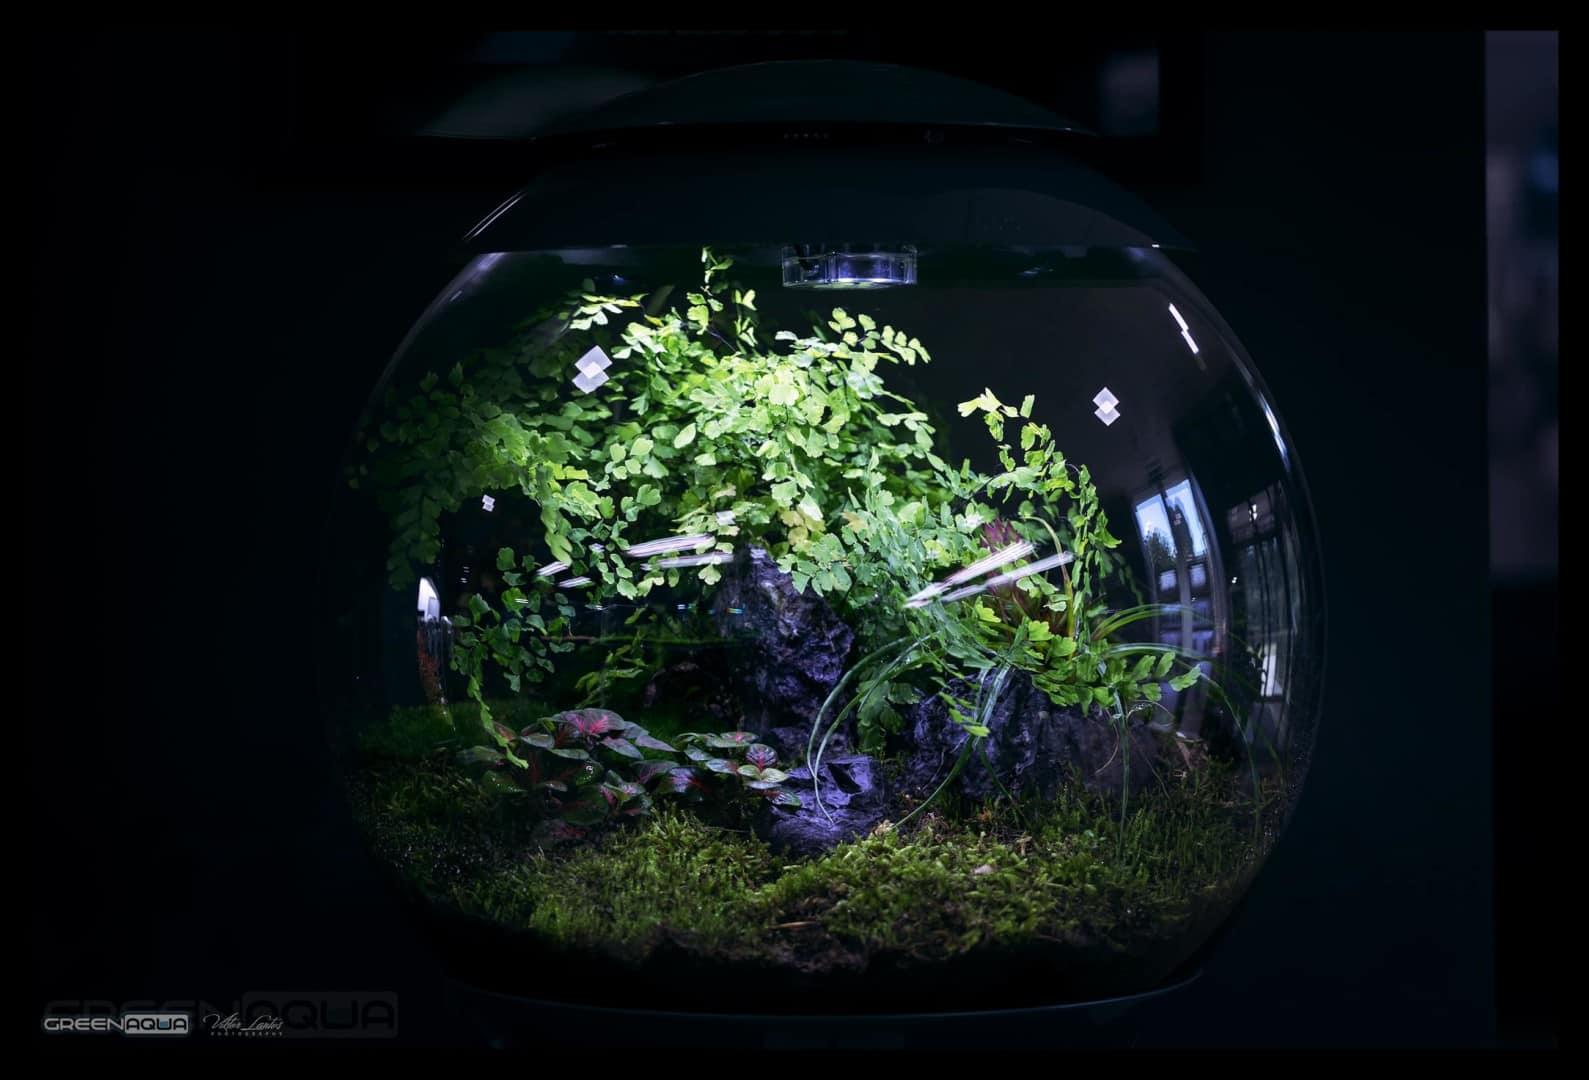 174 Green Aqua 2.0 (Volker Jochum) 8